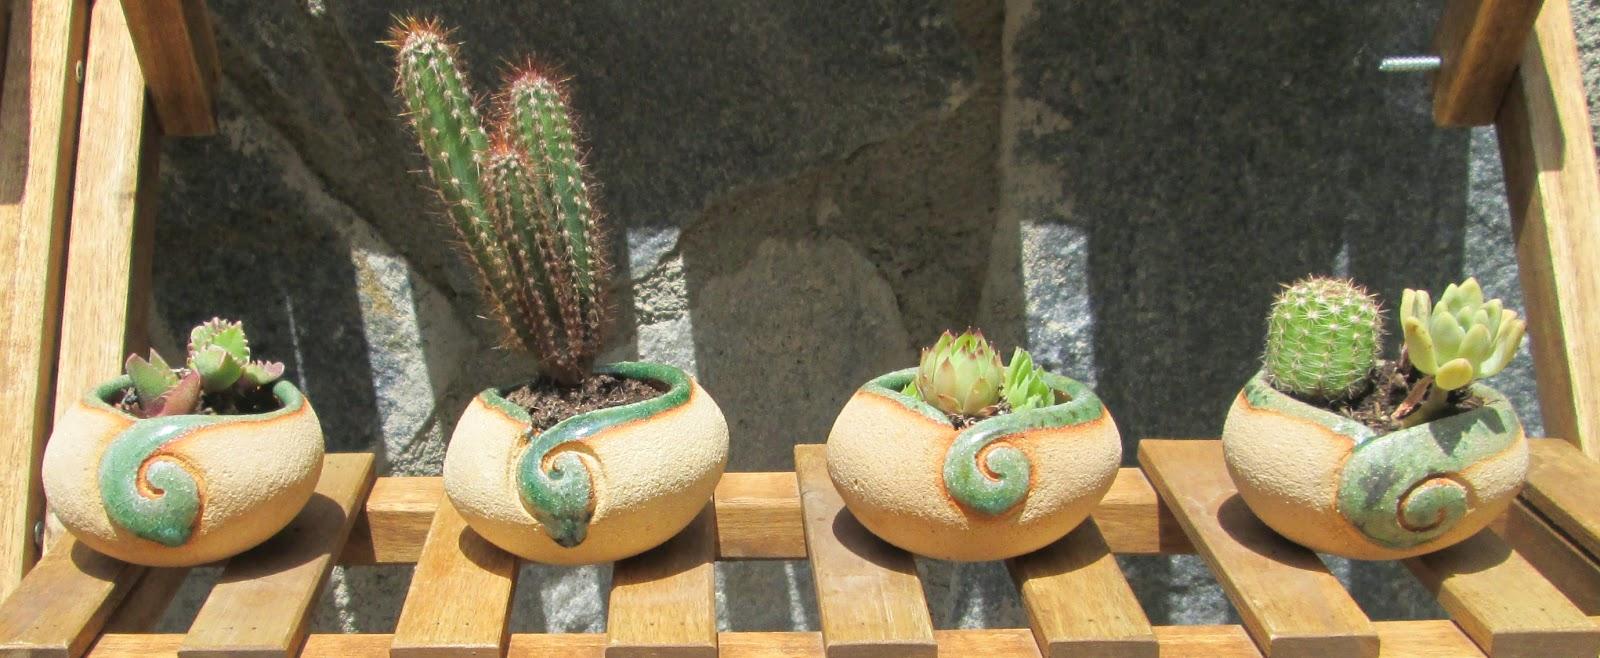 macetas para cactus, macetas para crasas, macetas para suculentas, decoracion jardin, decoración rustica, macetas para el jardin, tendencia en decoración plantas macetas